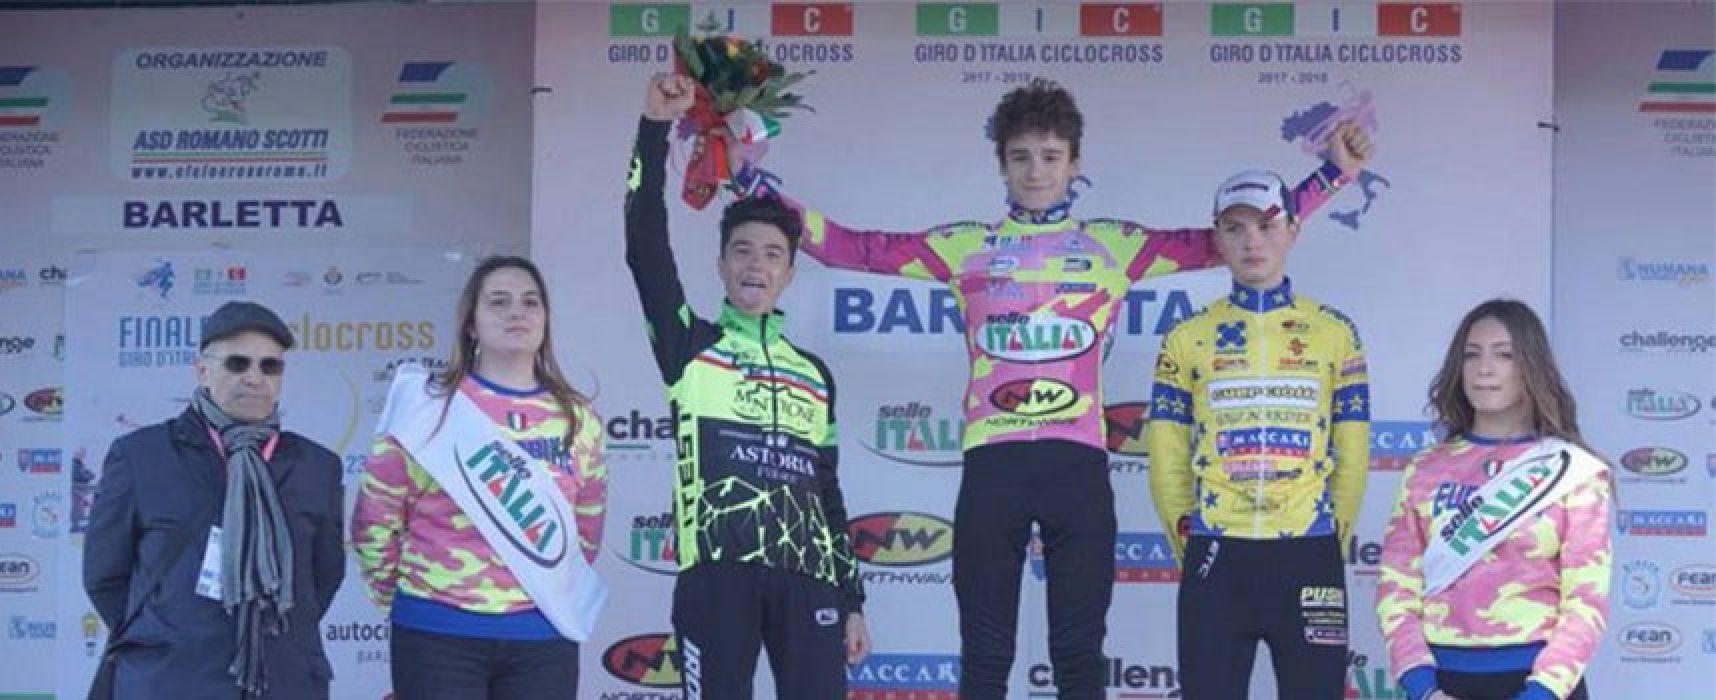 Il biscegliese Ettore Loconsolo si aggiudica il Giro d'Italia Ciclocross